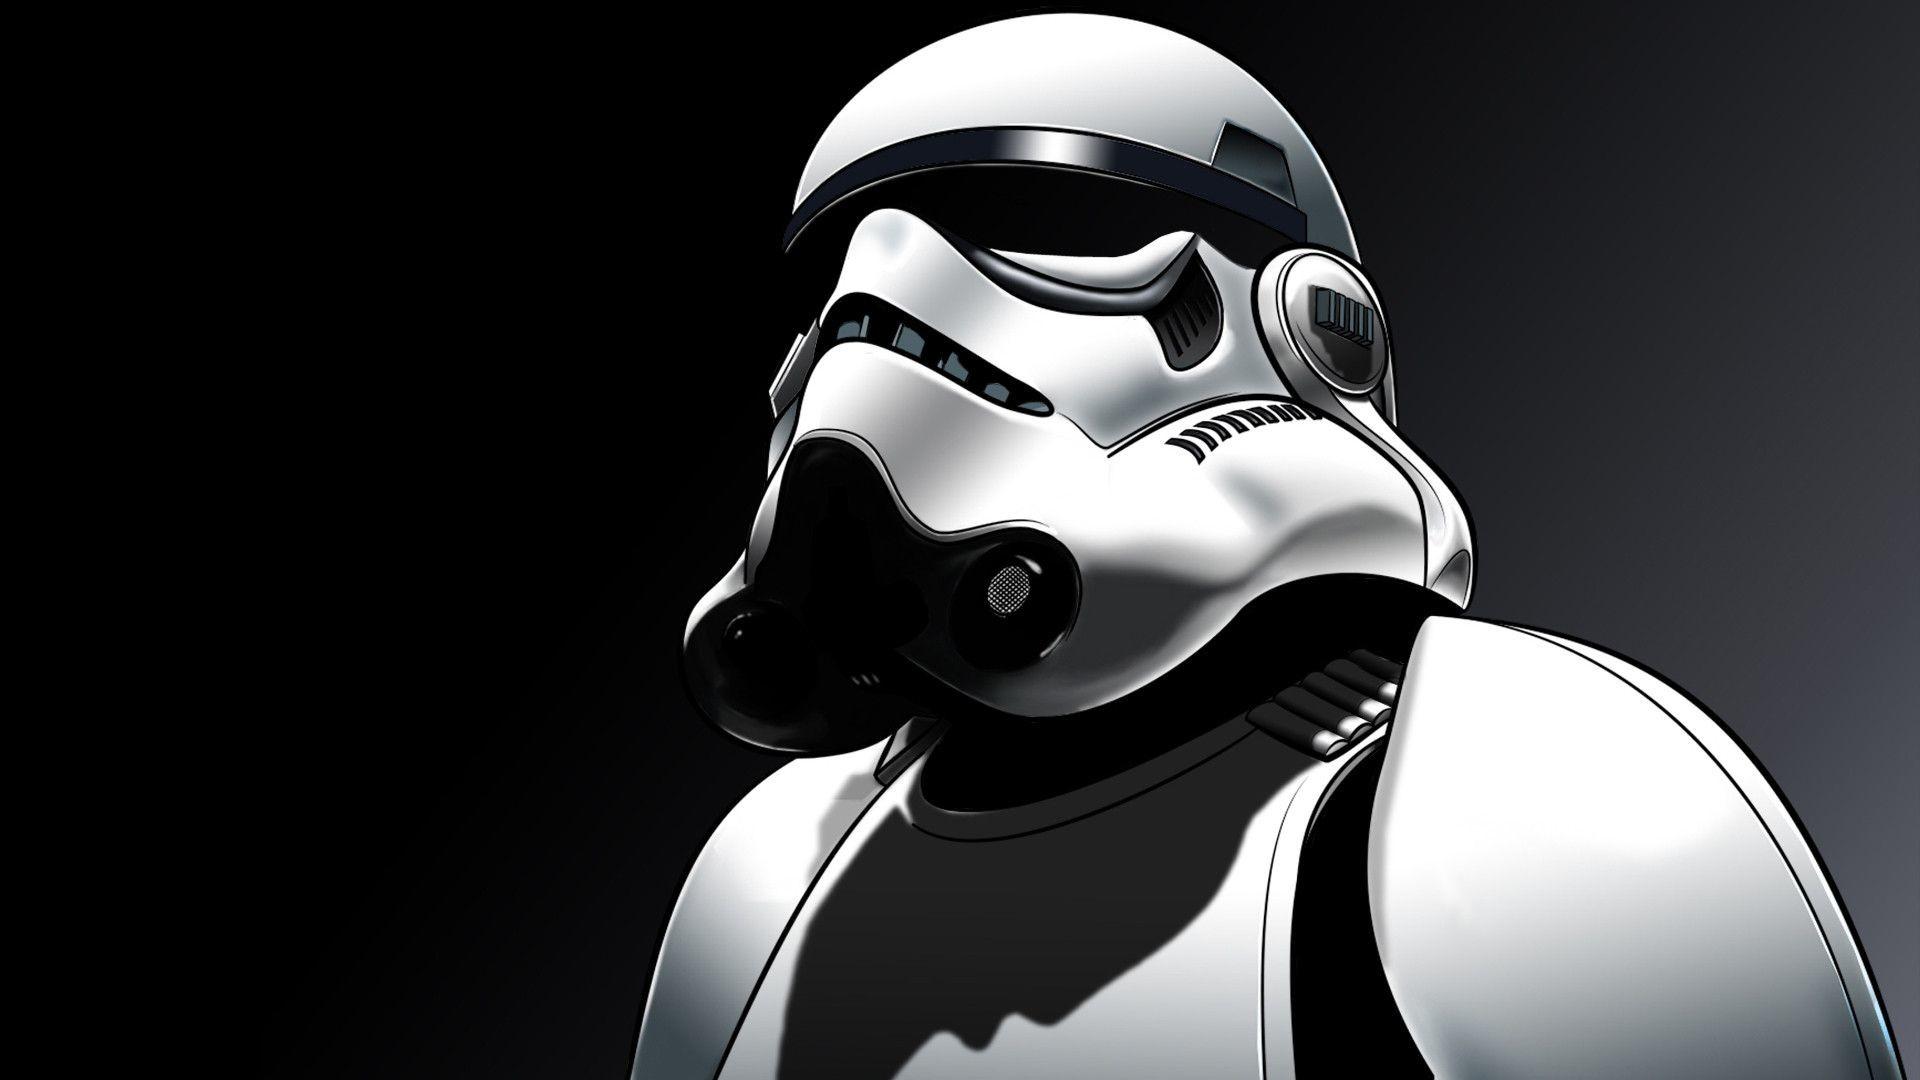 Star Wars Wallpaper HD 17001